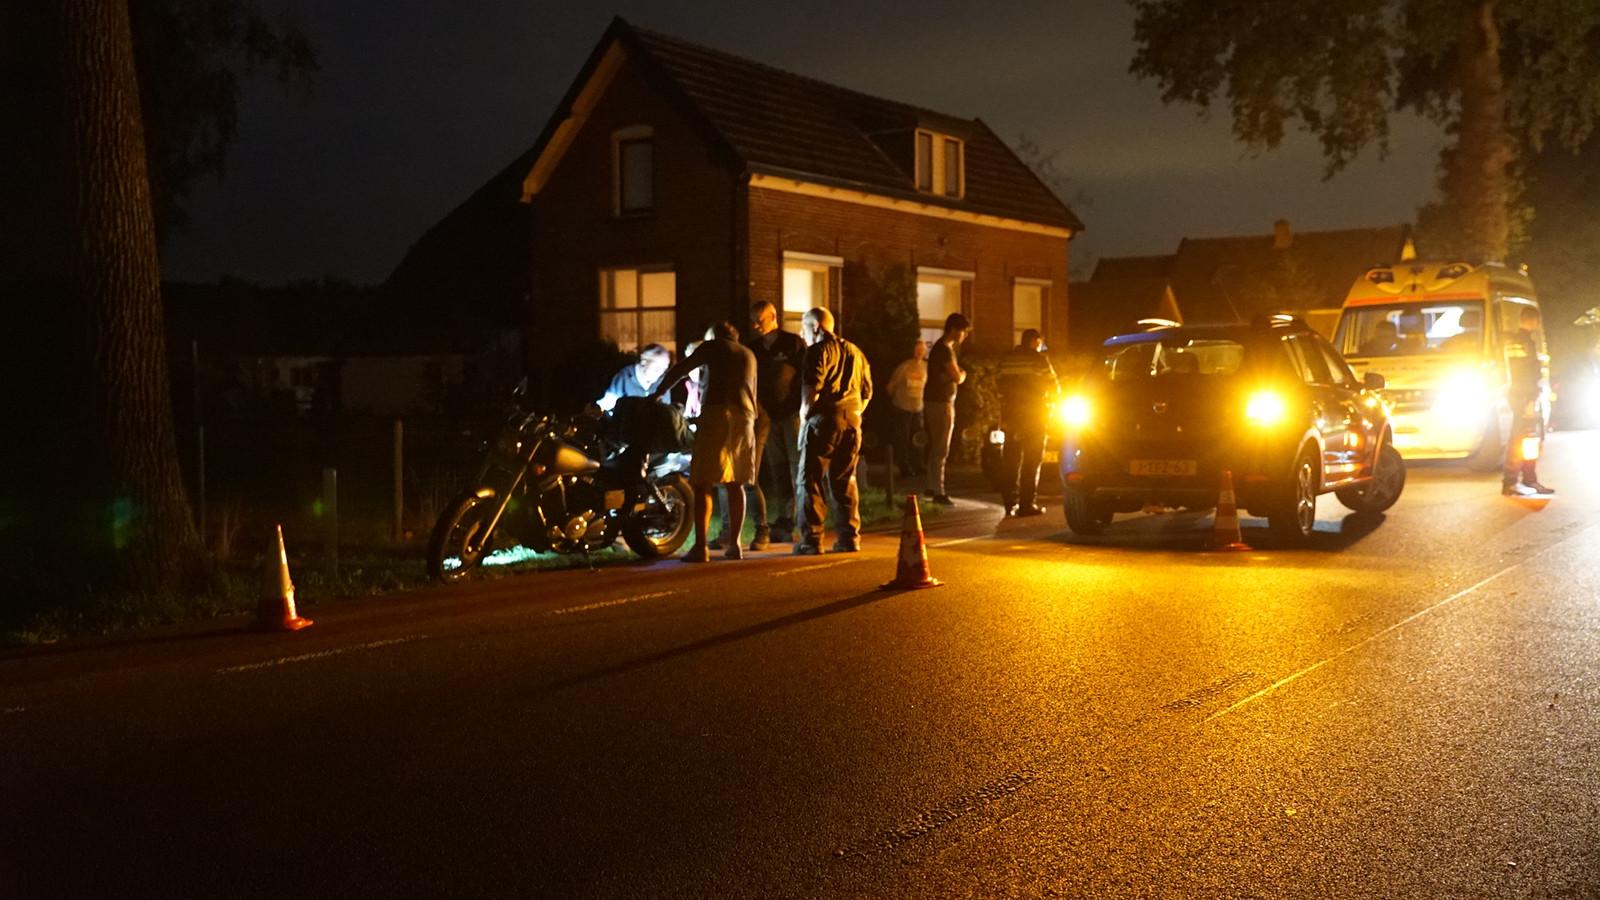 De motorrijder is voor onderzoek naar het ziekenhuis vervoerd.